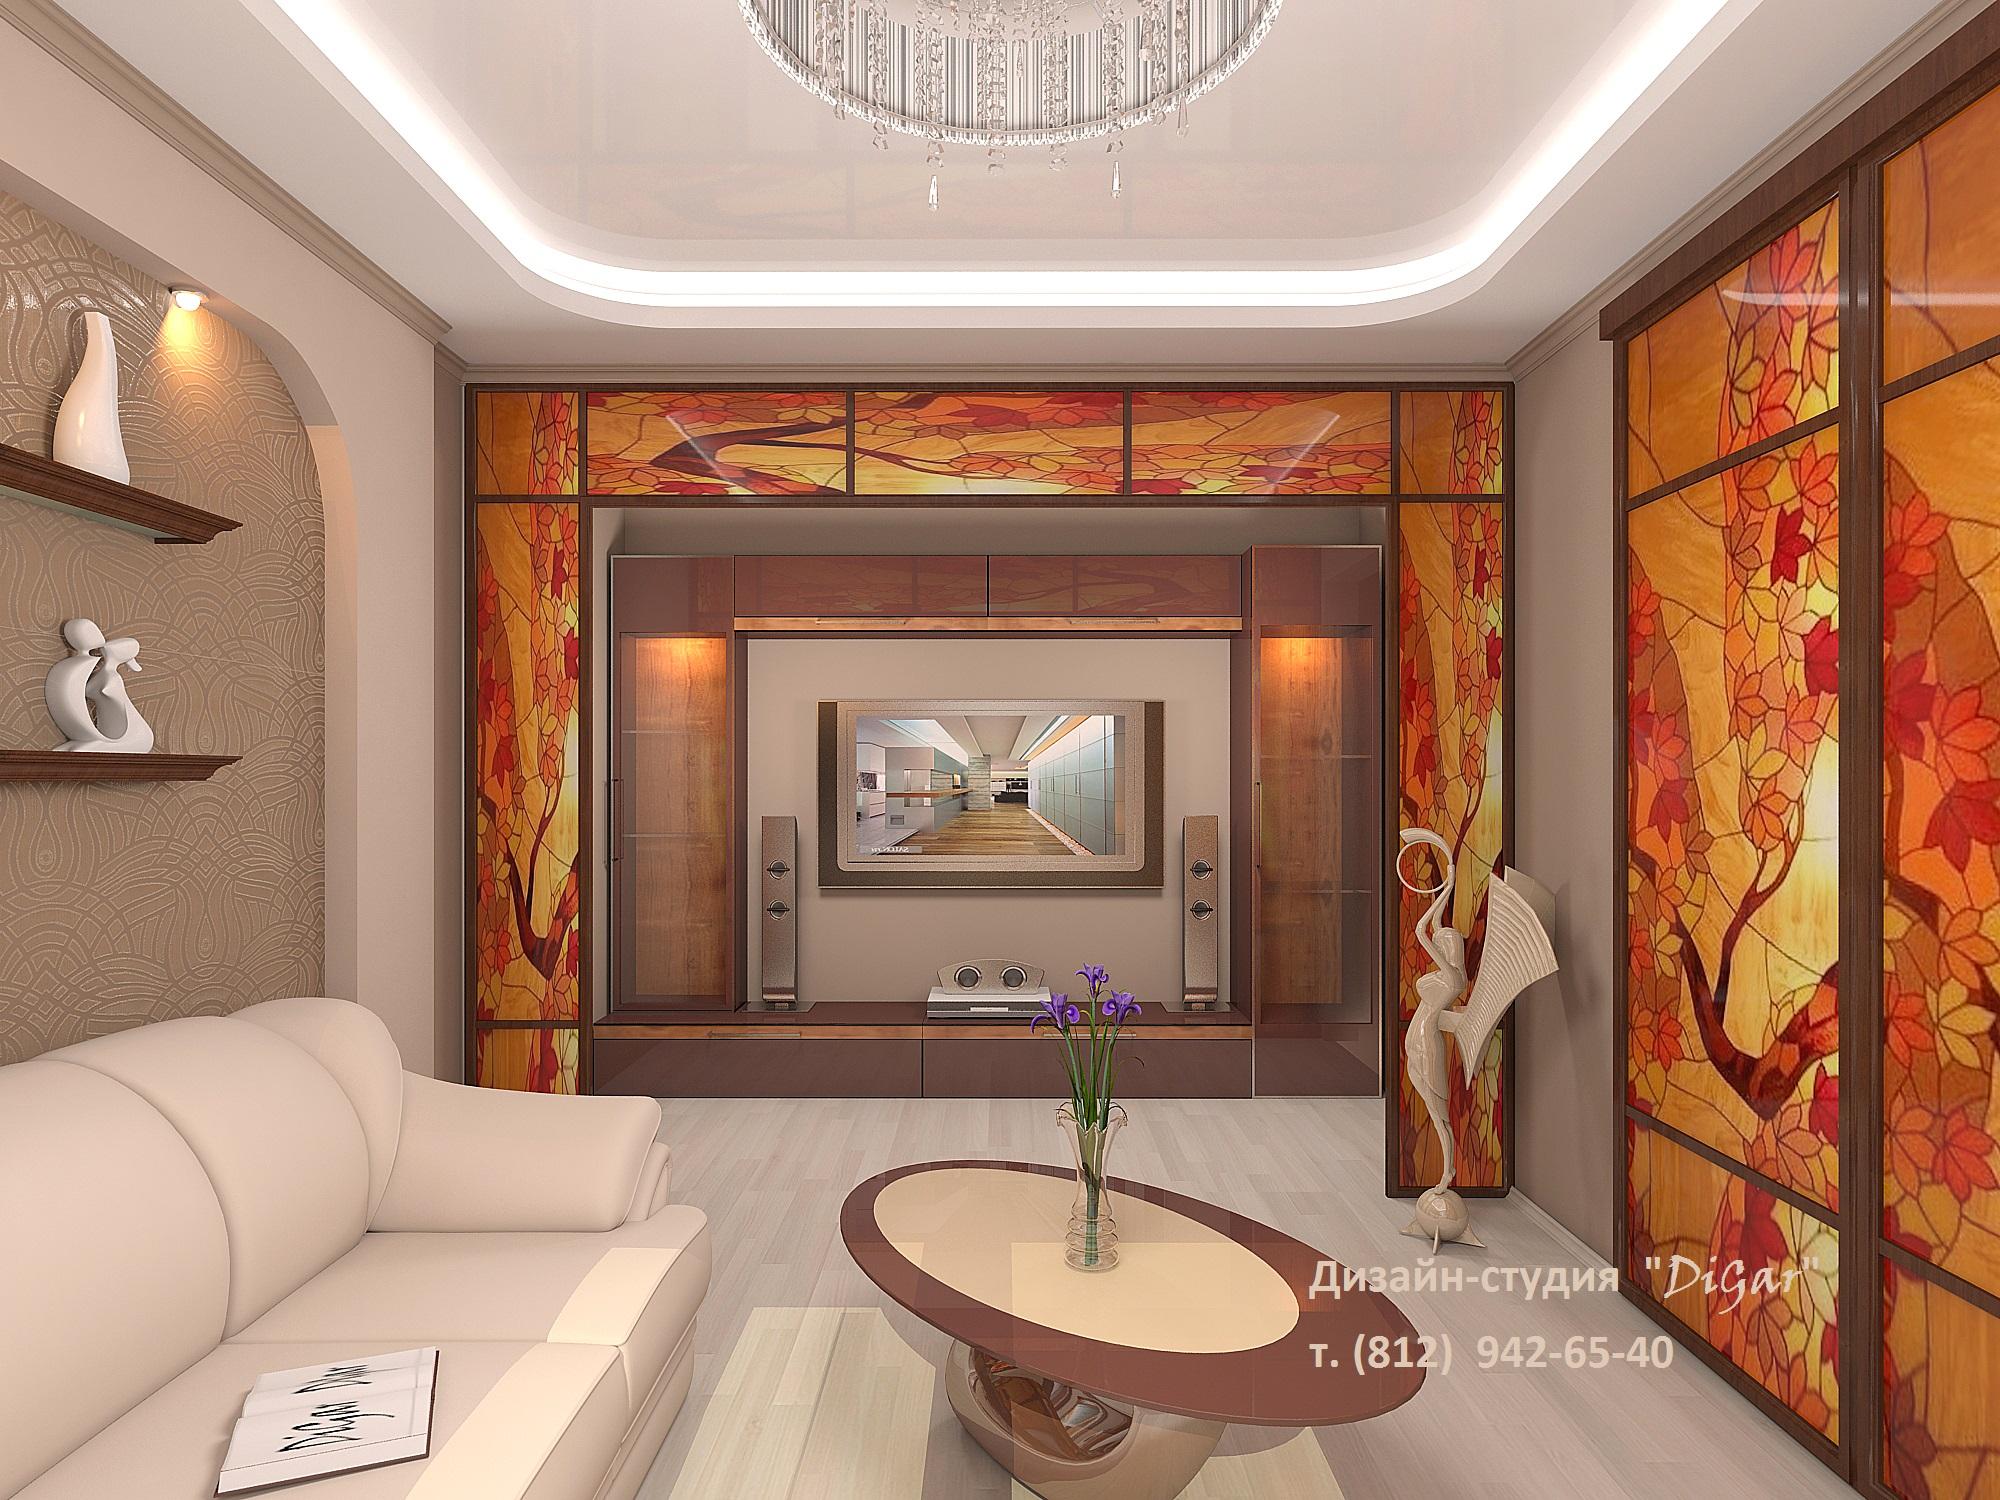 Дизайн интерьеров в спб